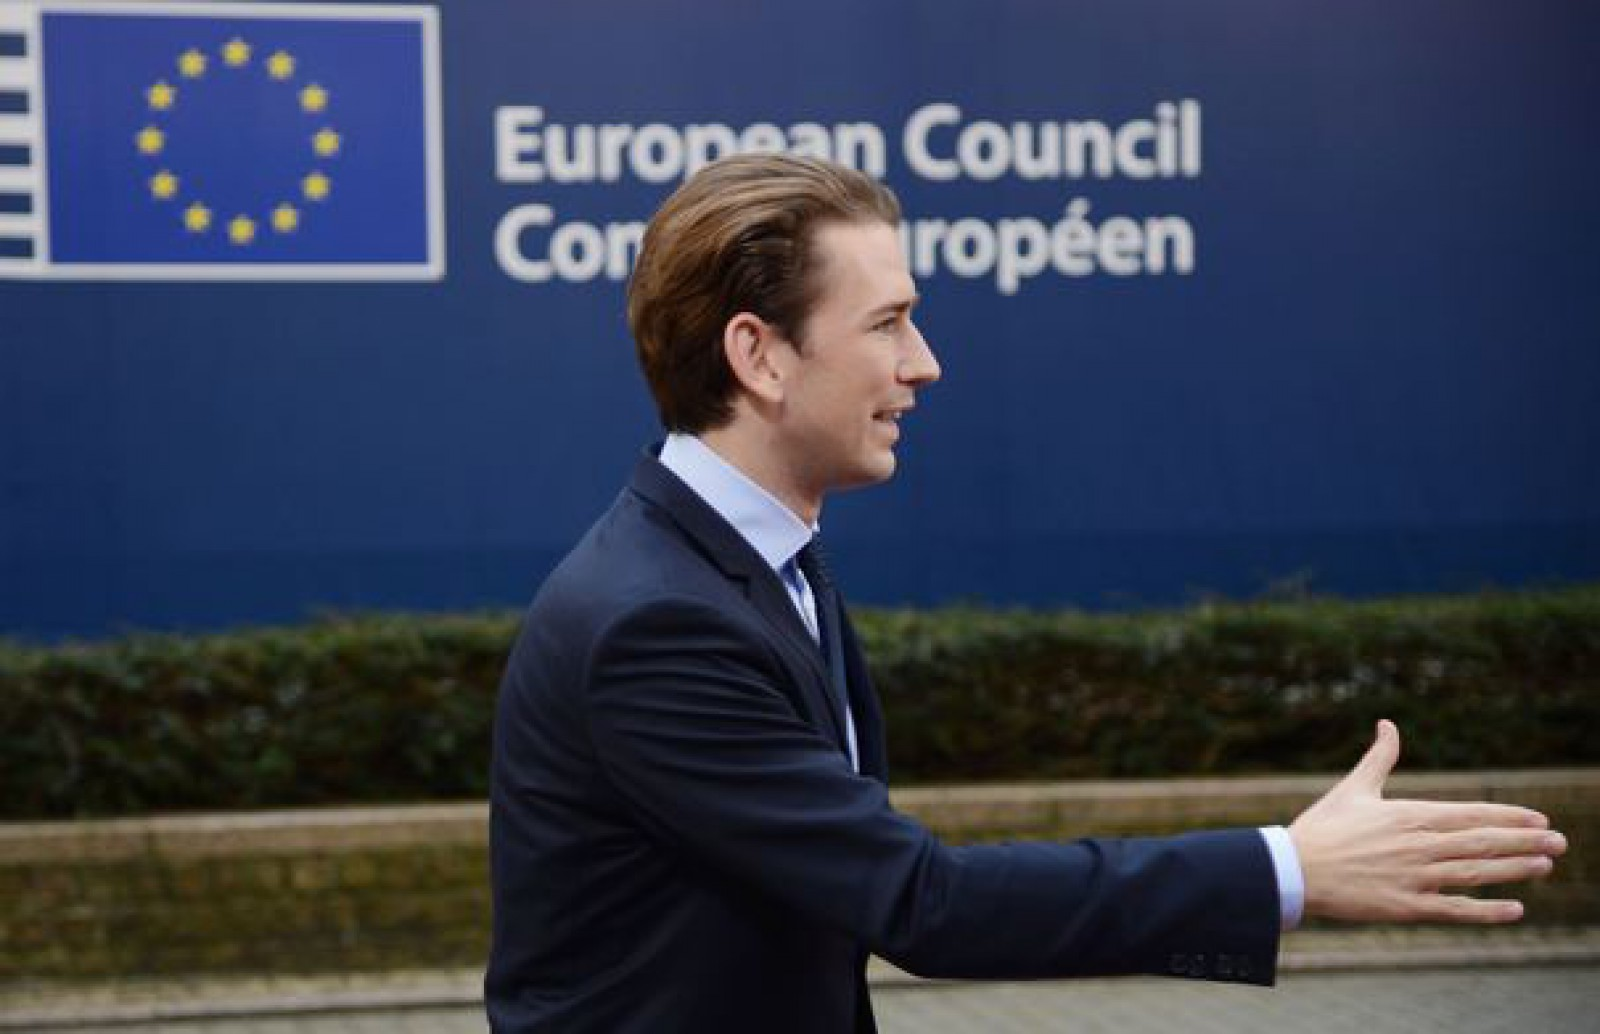 Noul guvern al Austriei doreşte ridicarea sancţiunilor europene împotriva Rusiei